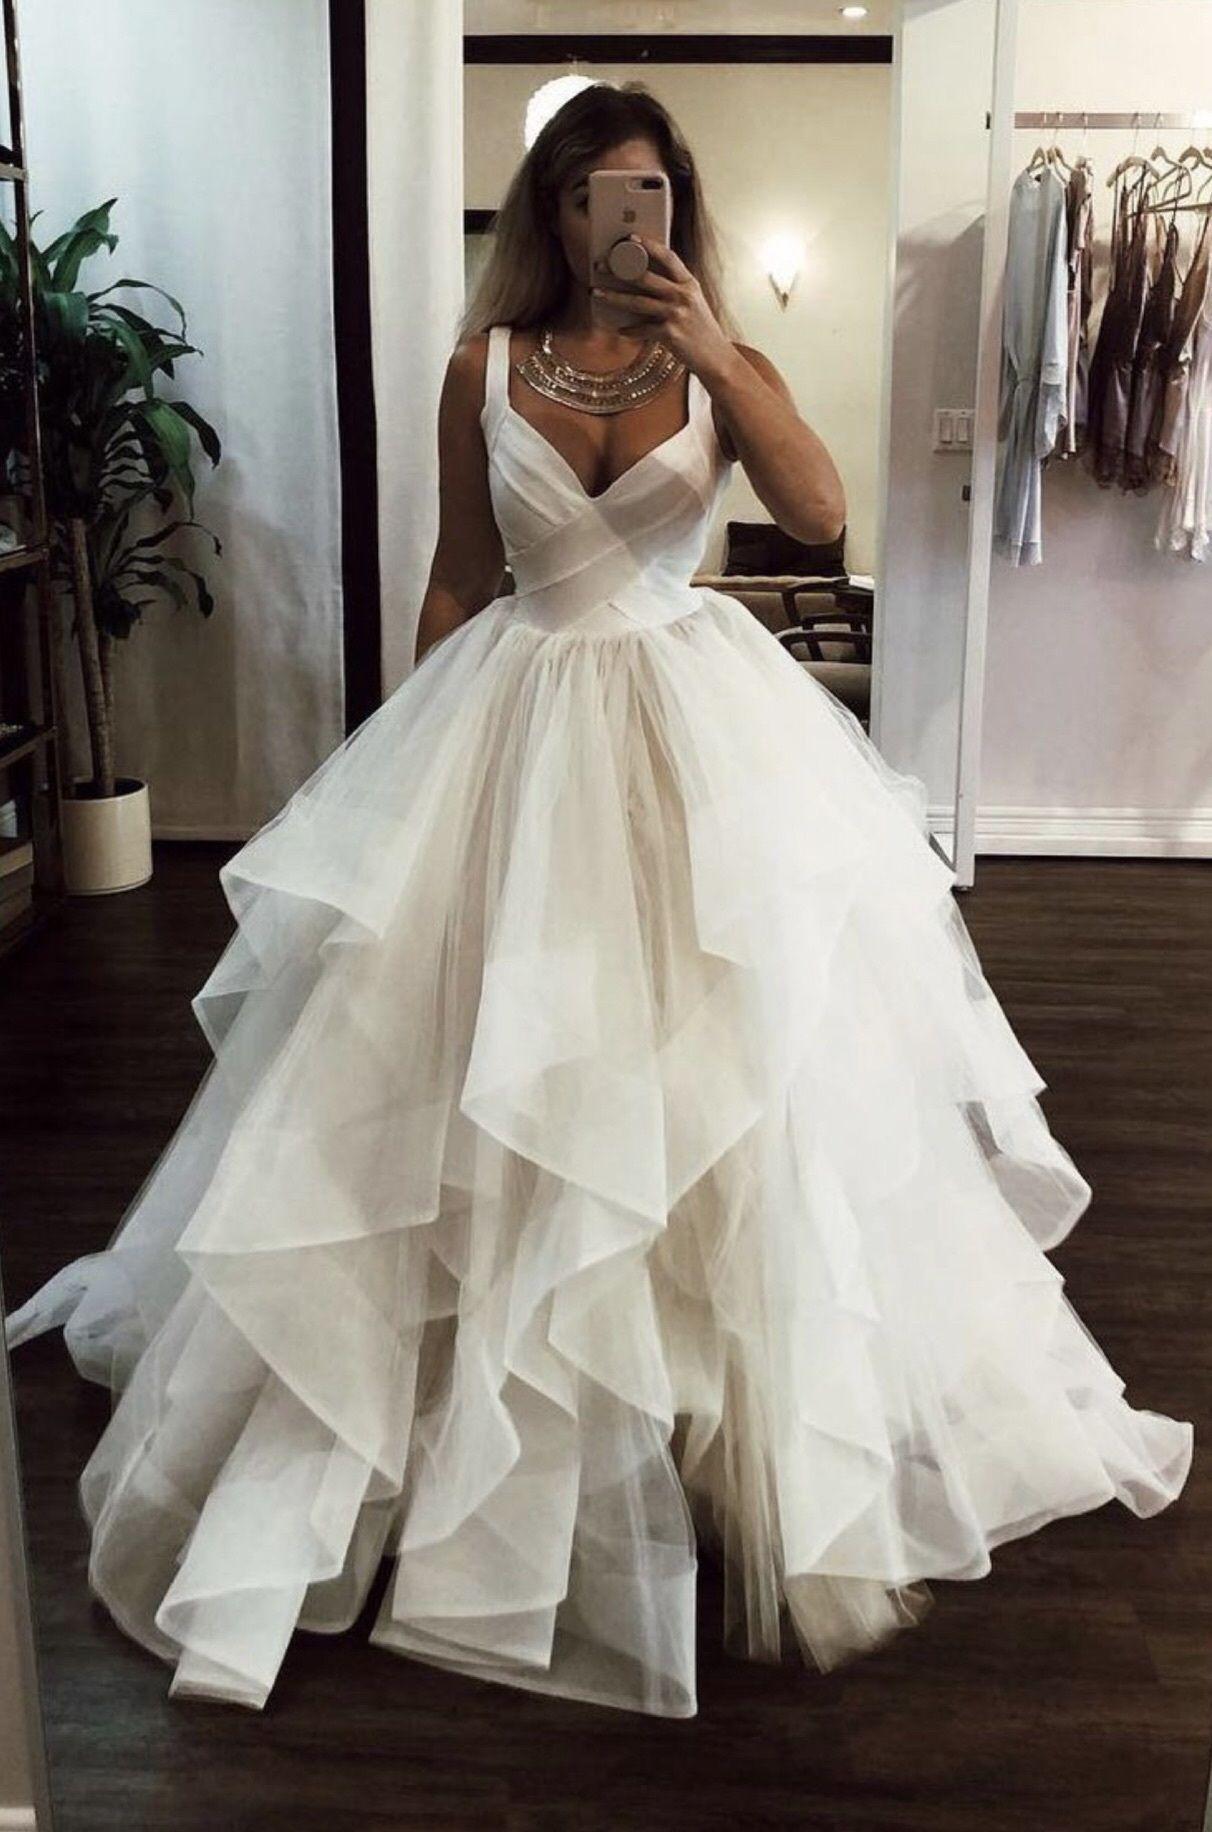 White Floor Length Wedding Dresses Elegant White Prom Gowns Evening Formal Dresses Weddingdress Ruffle Wedding Dress Ball Gowns Wedding Online Wedding Dress [ 1832 x 1212 Pixel ]